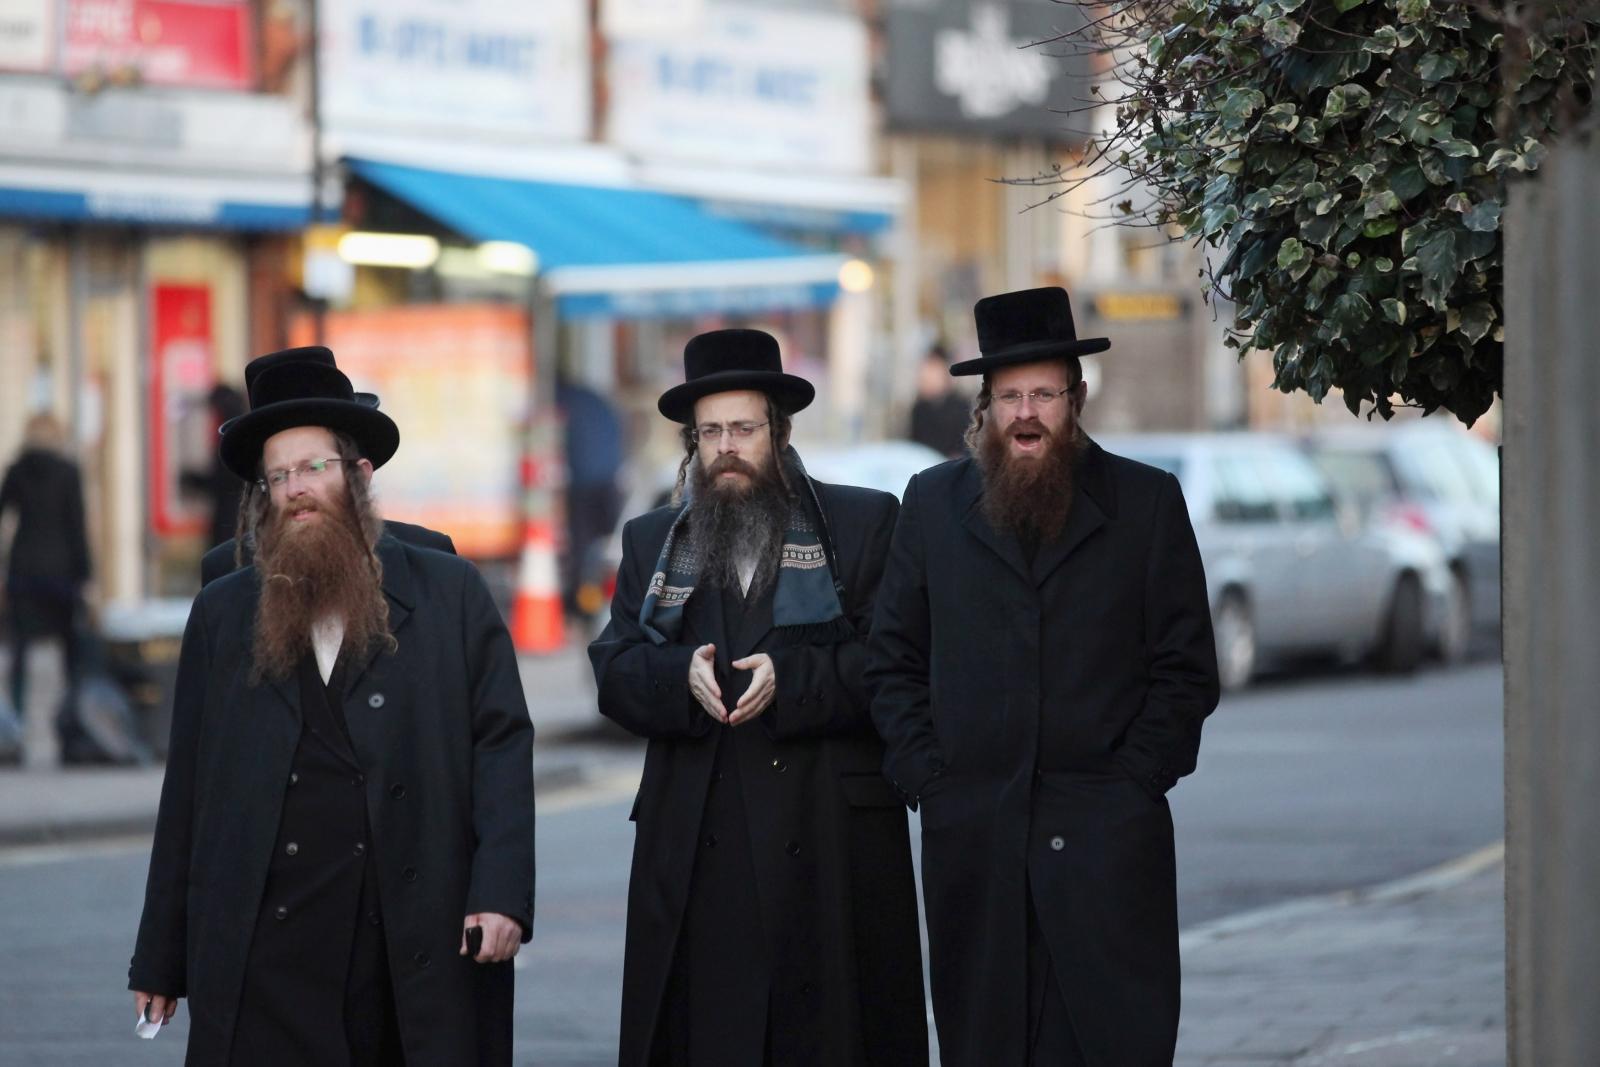 Jews UK